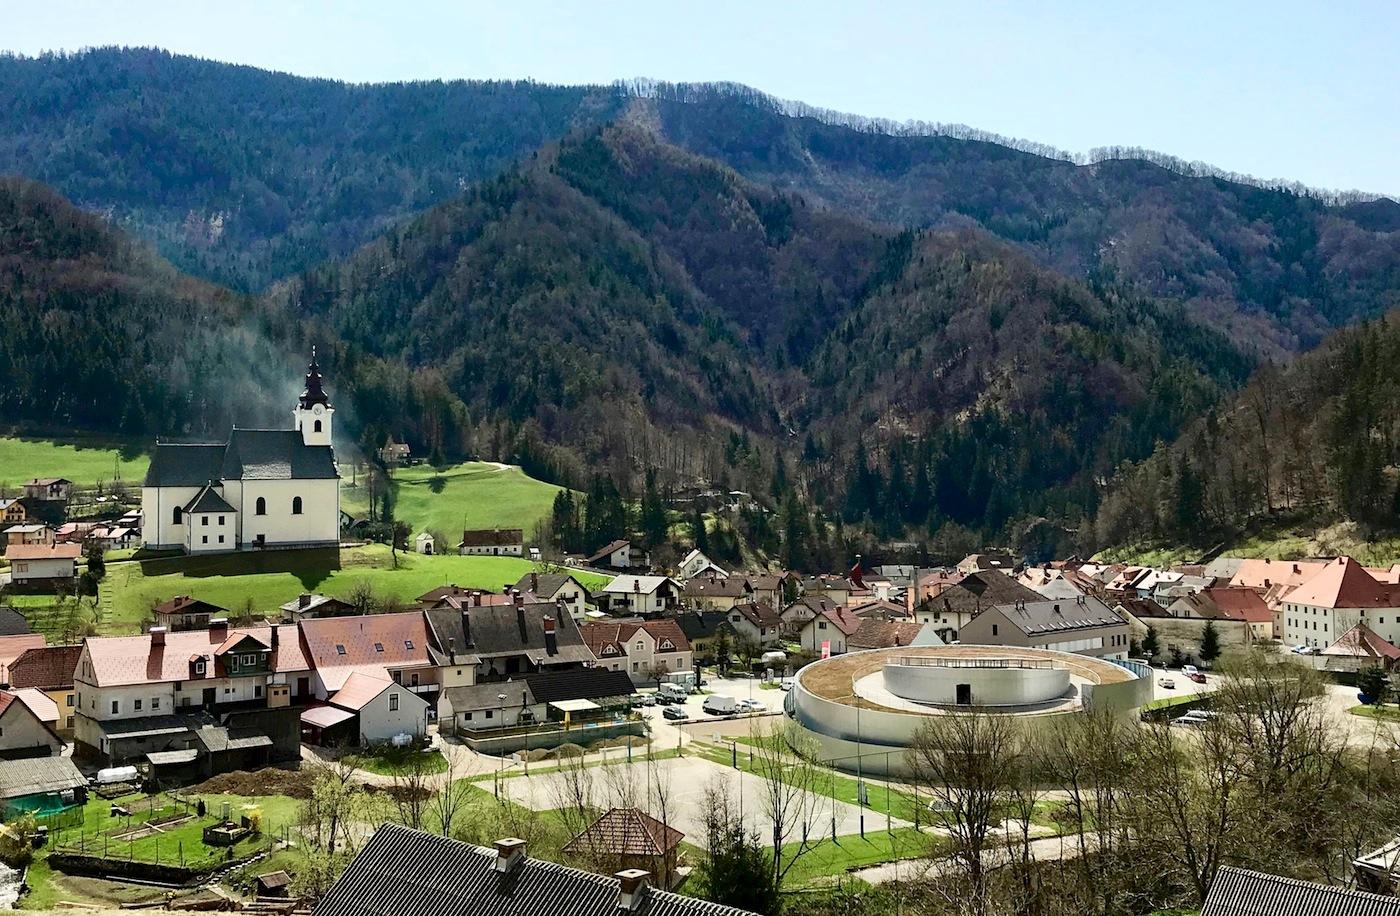 Vitanje. Der Ort ist etwa 20 km von Celje entfernt, drittgrößte Stadt Sloweniens.